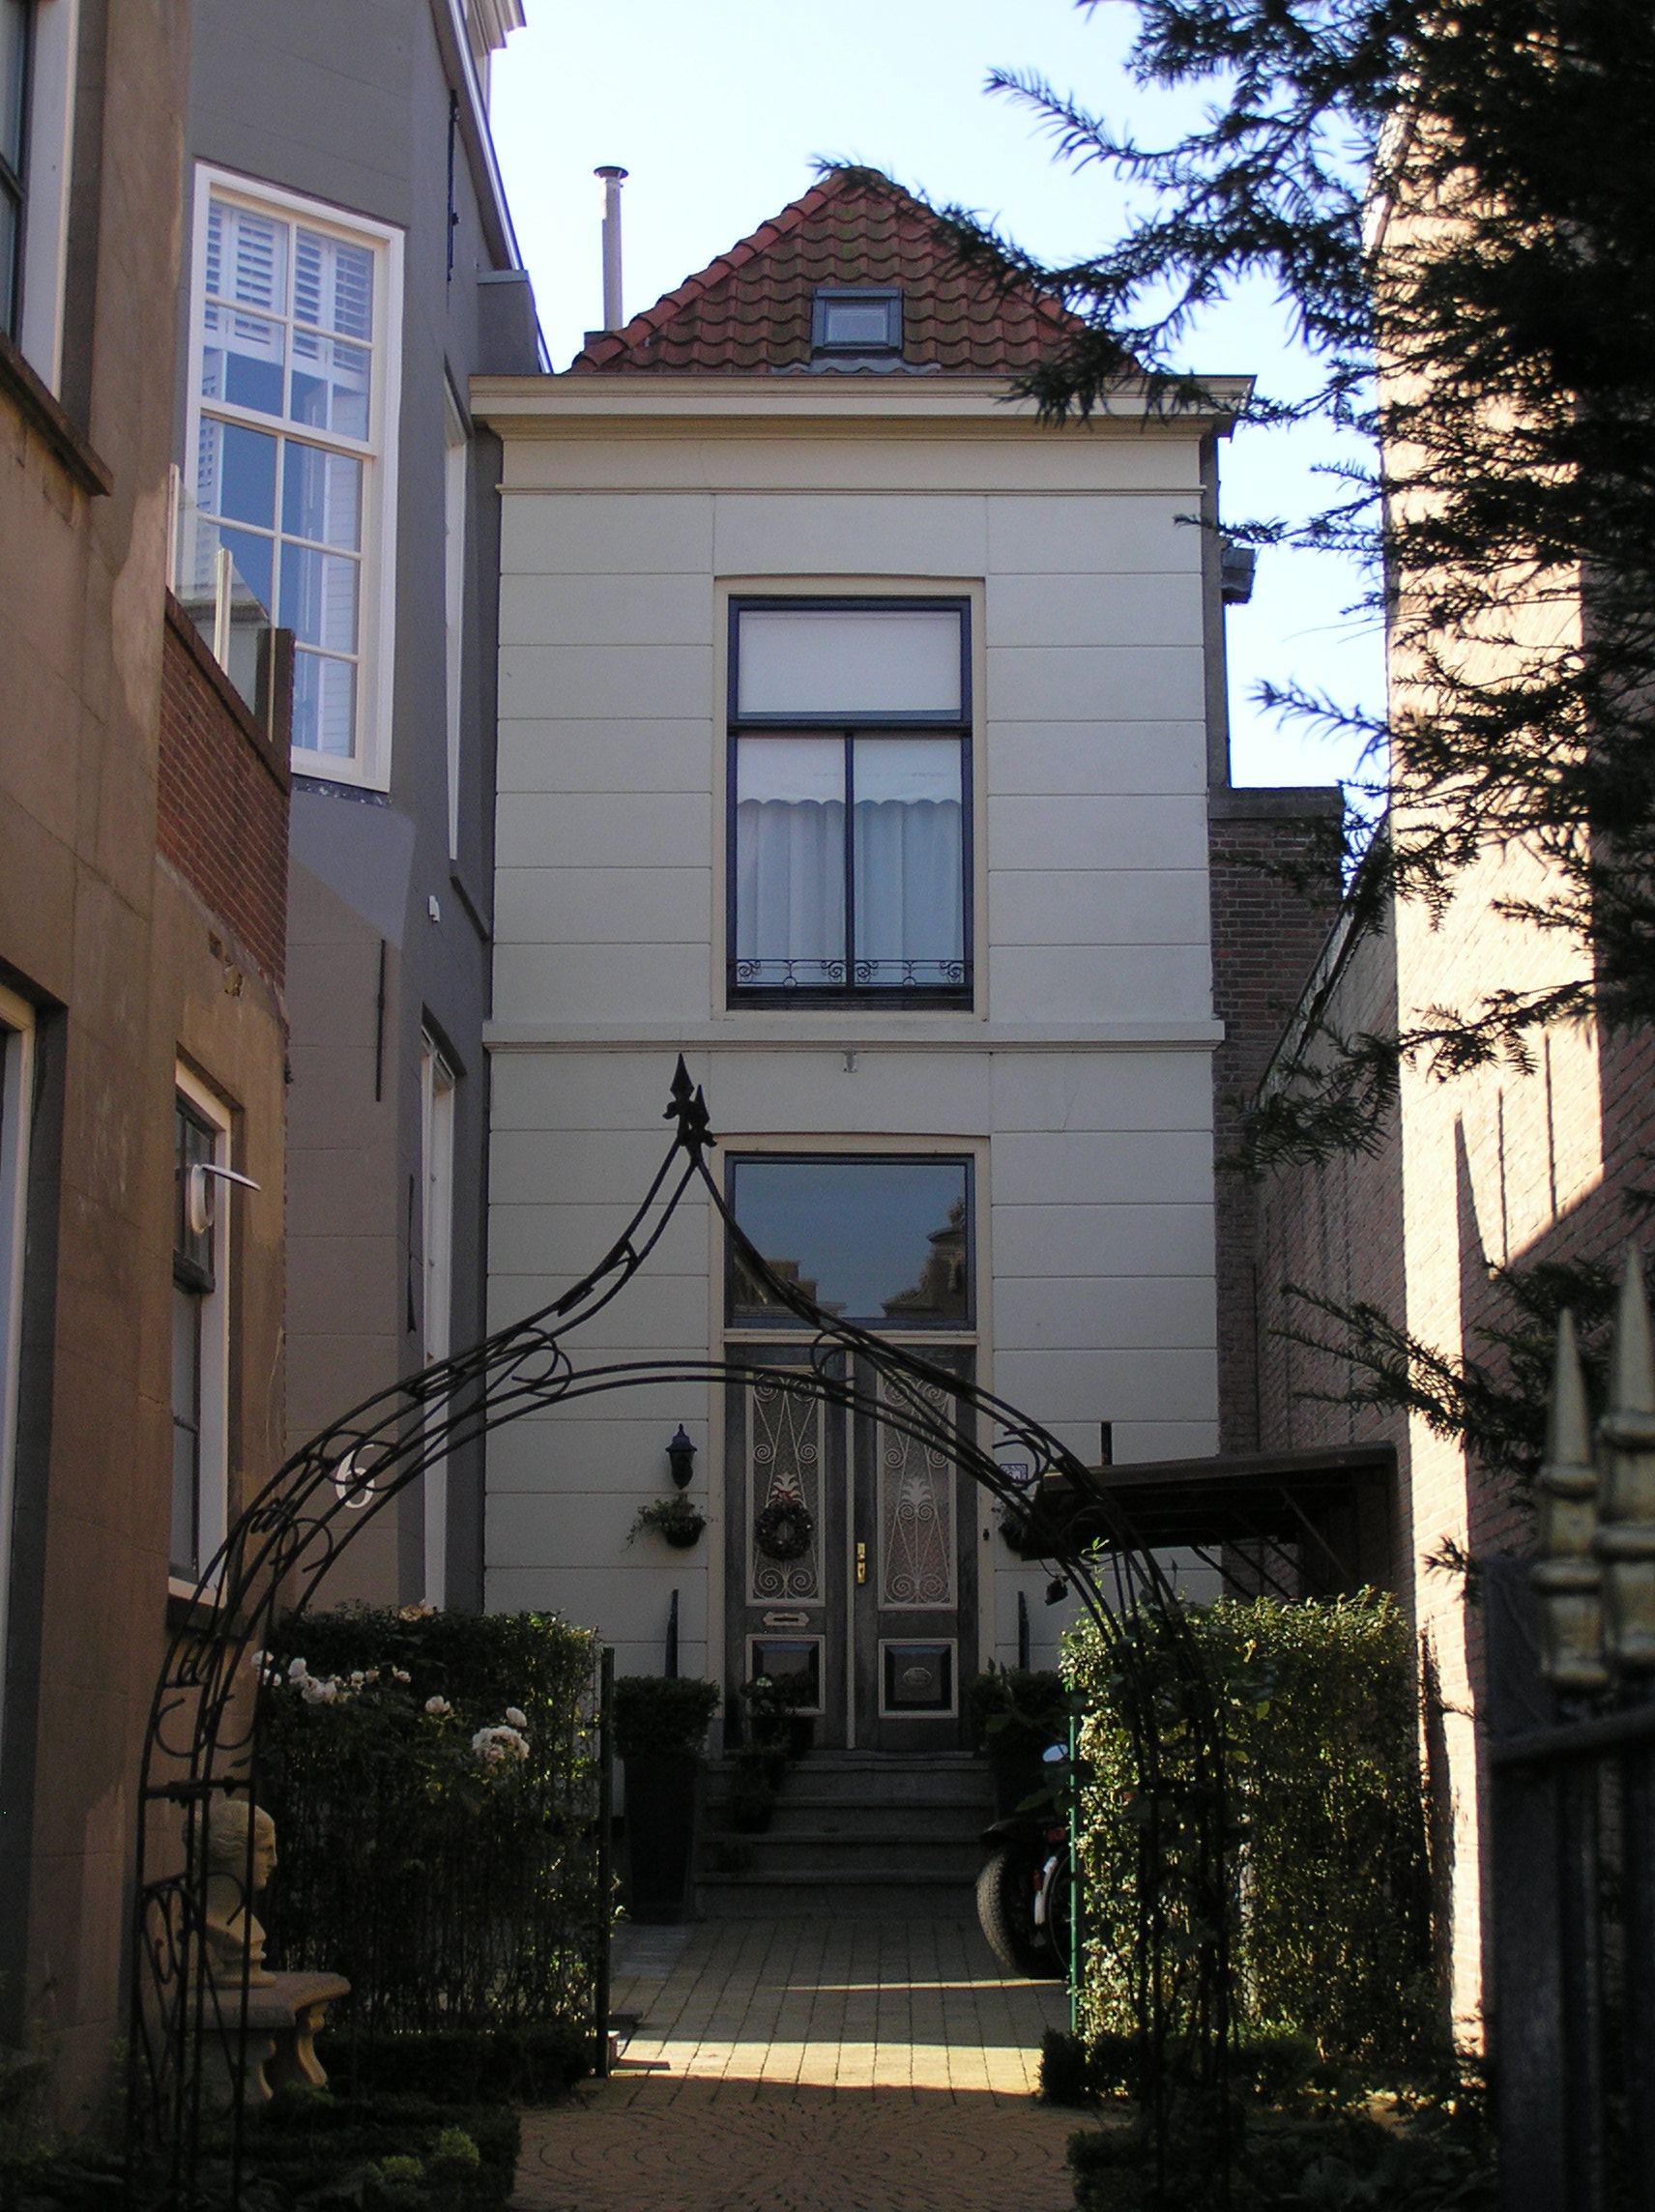 Huis met gepleisterde gevel in zierikzee monument - Huis gevel ...